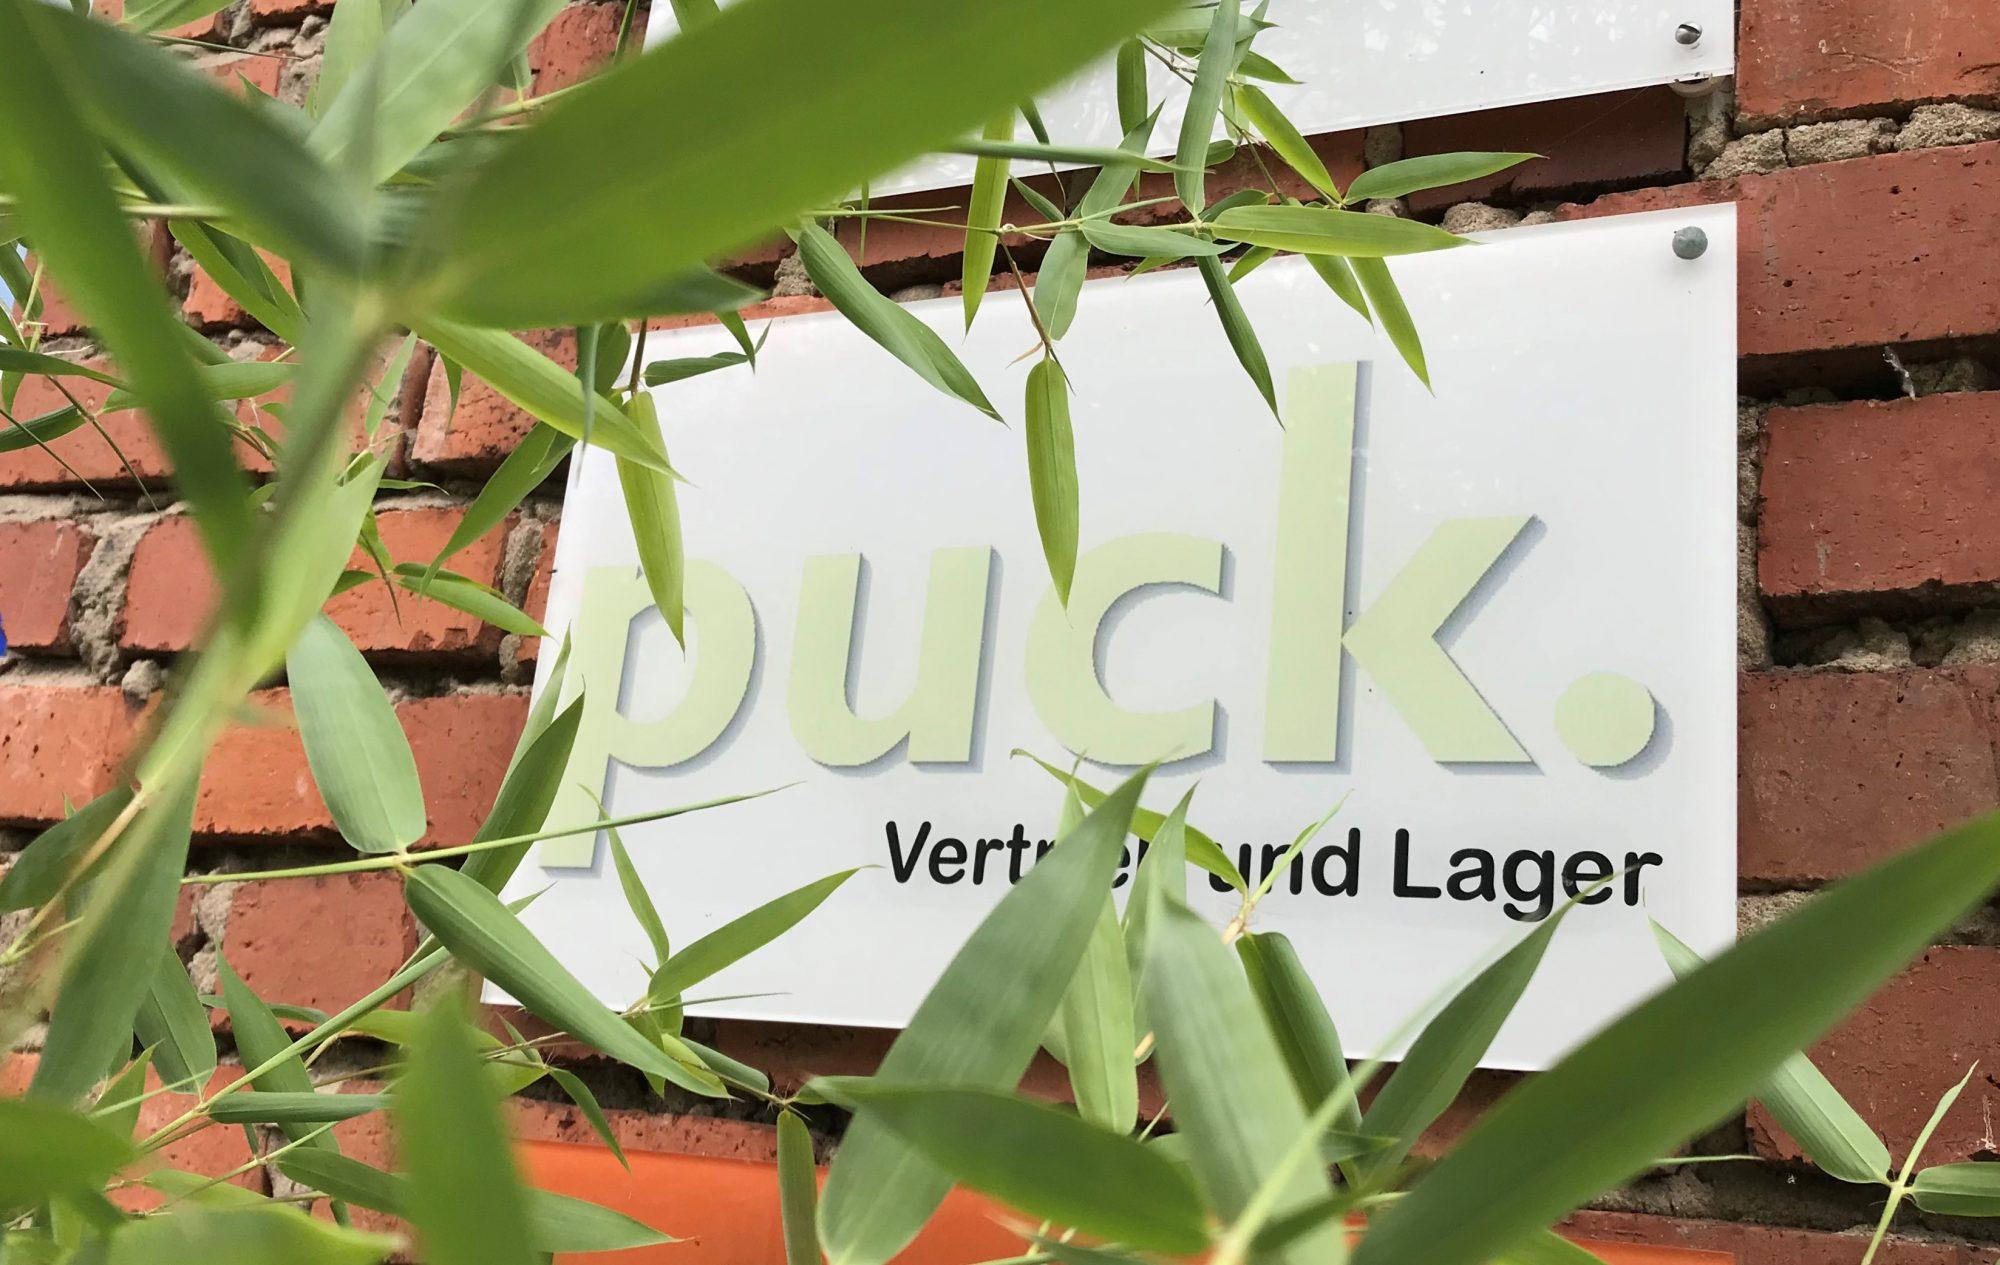 puck. Vertriebs GmbH